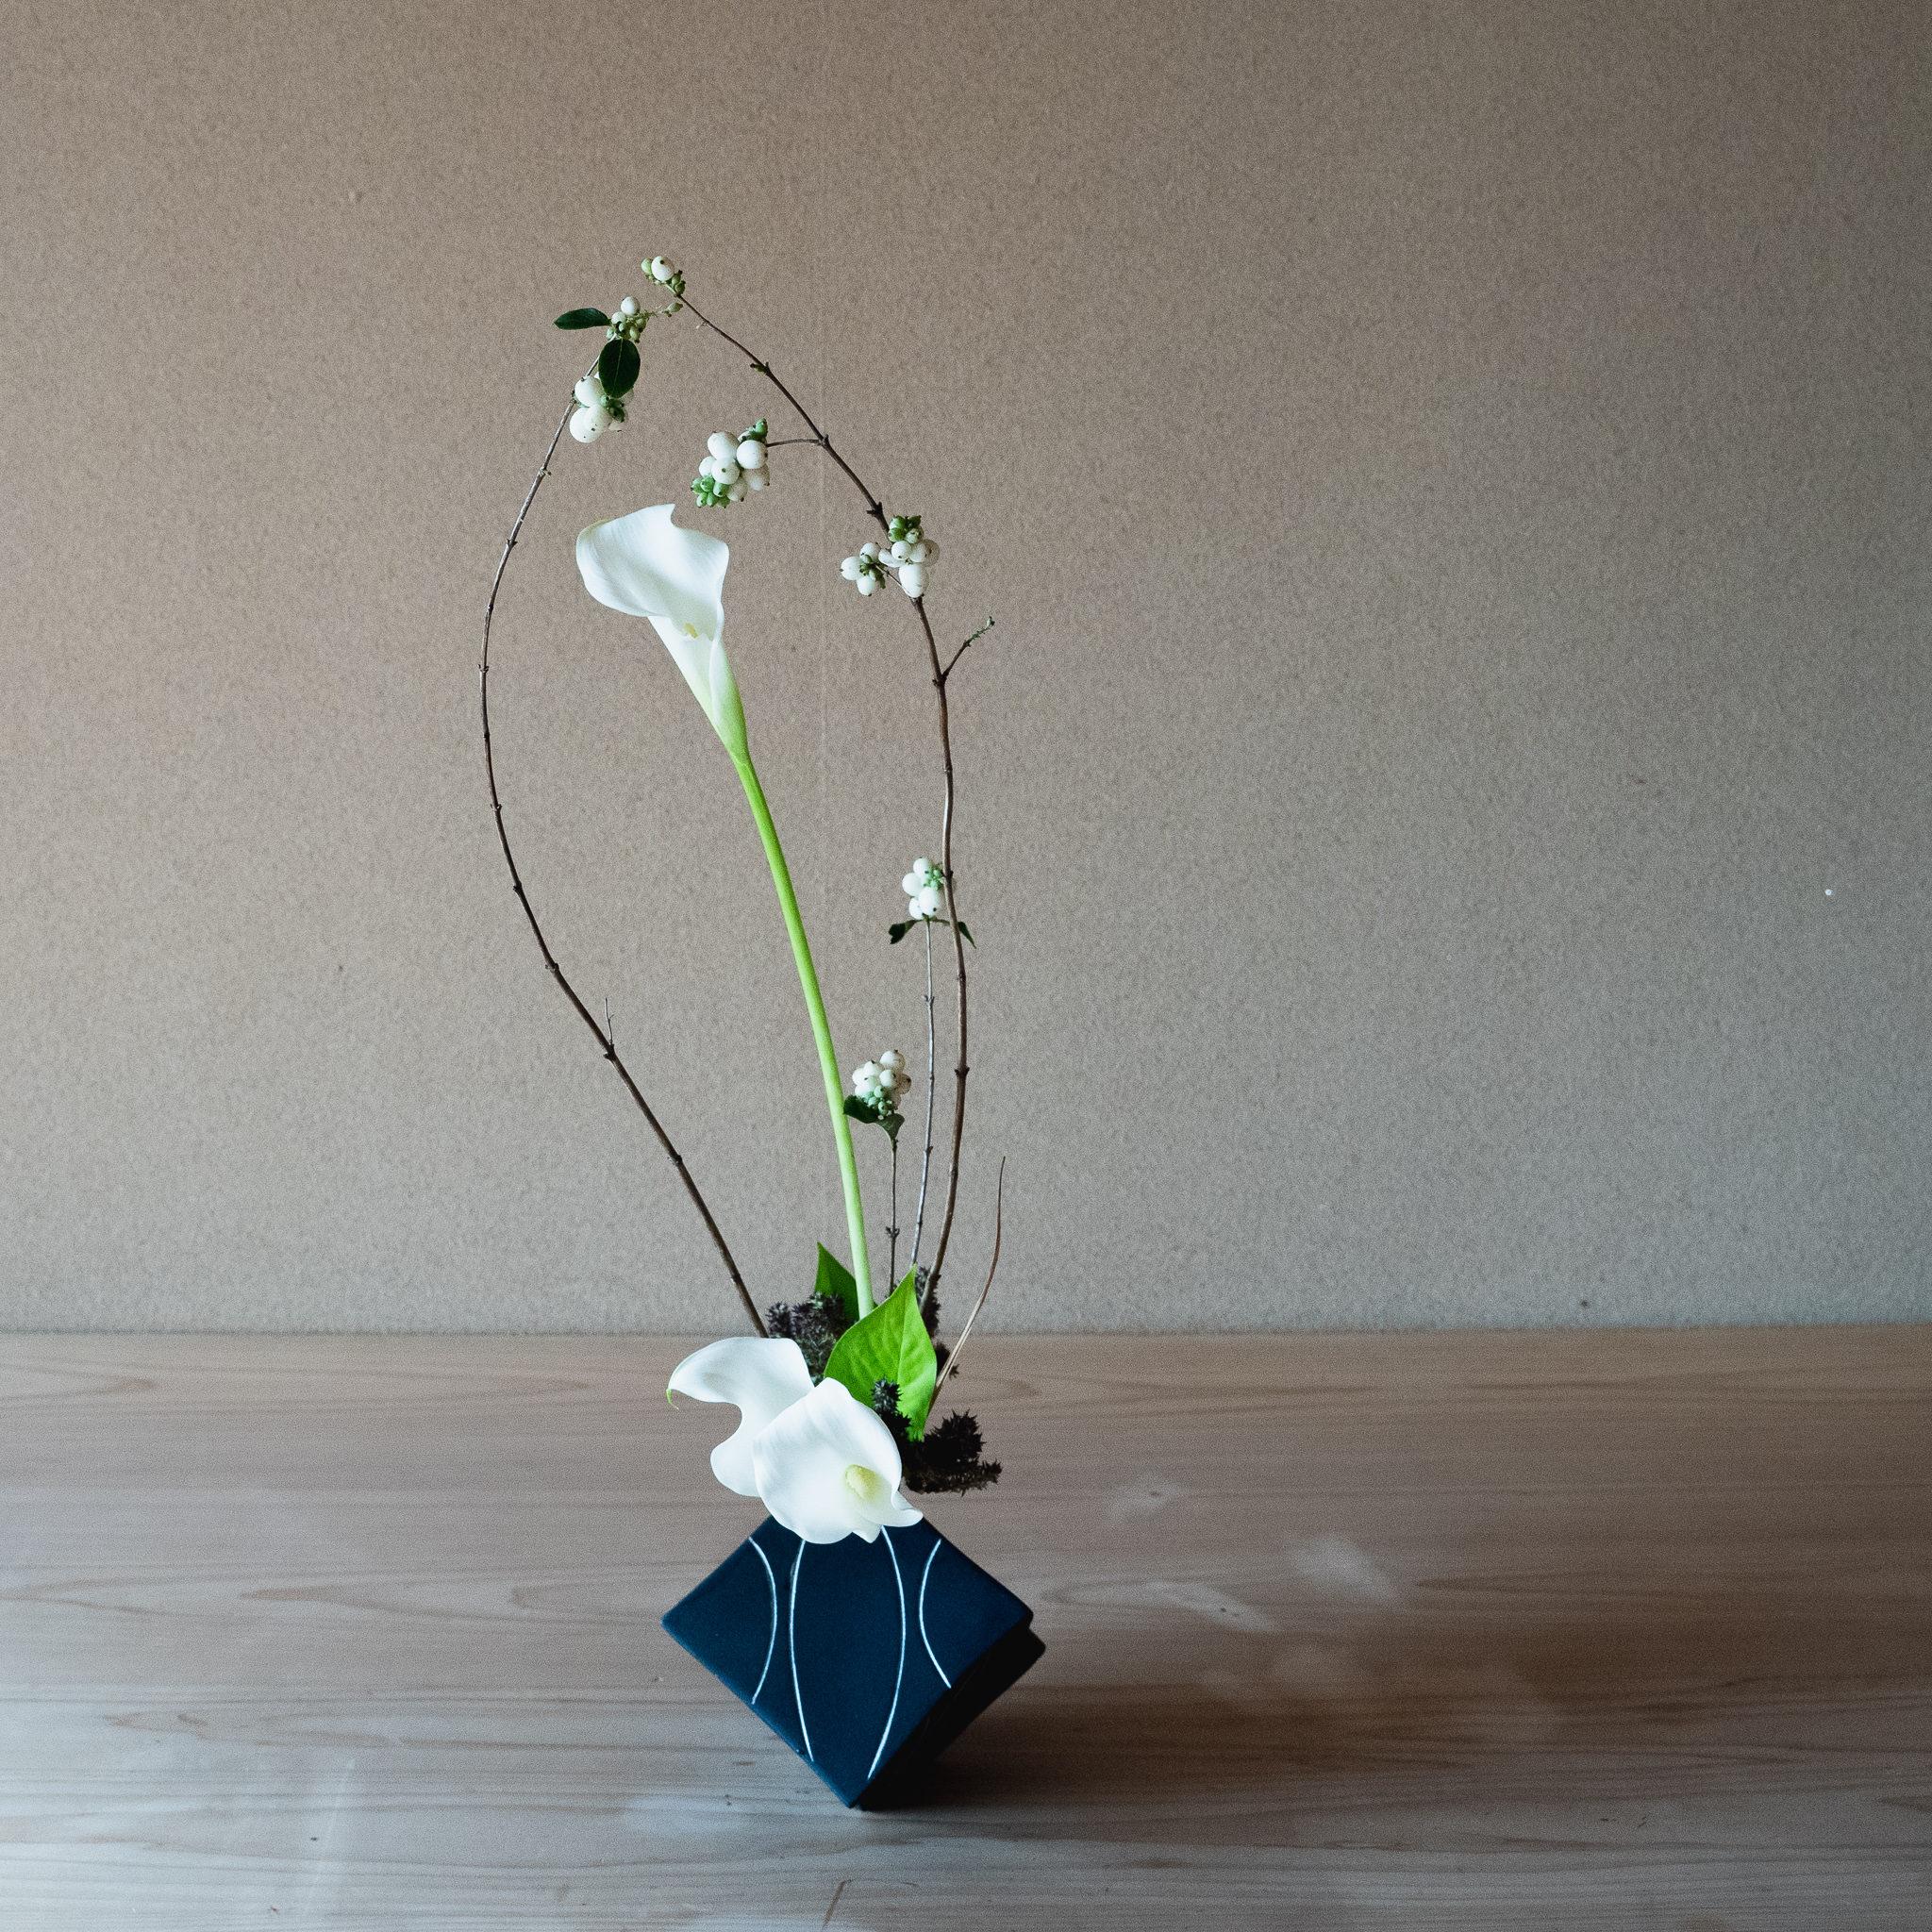 自由花 シンフォリカルポス、カラー、ライムポトスなど